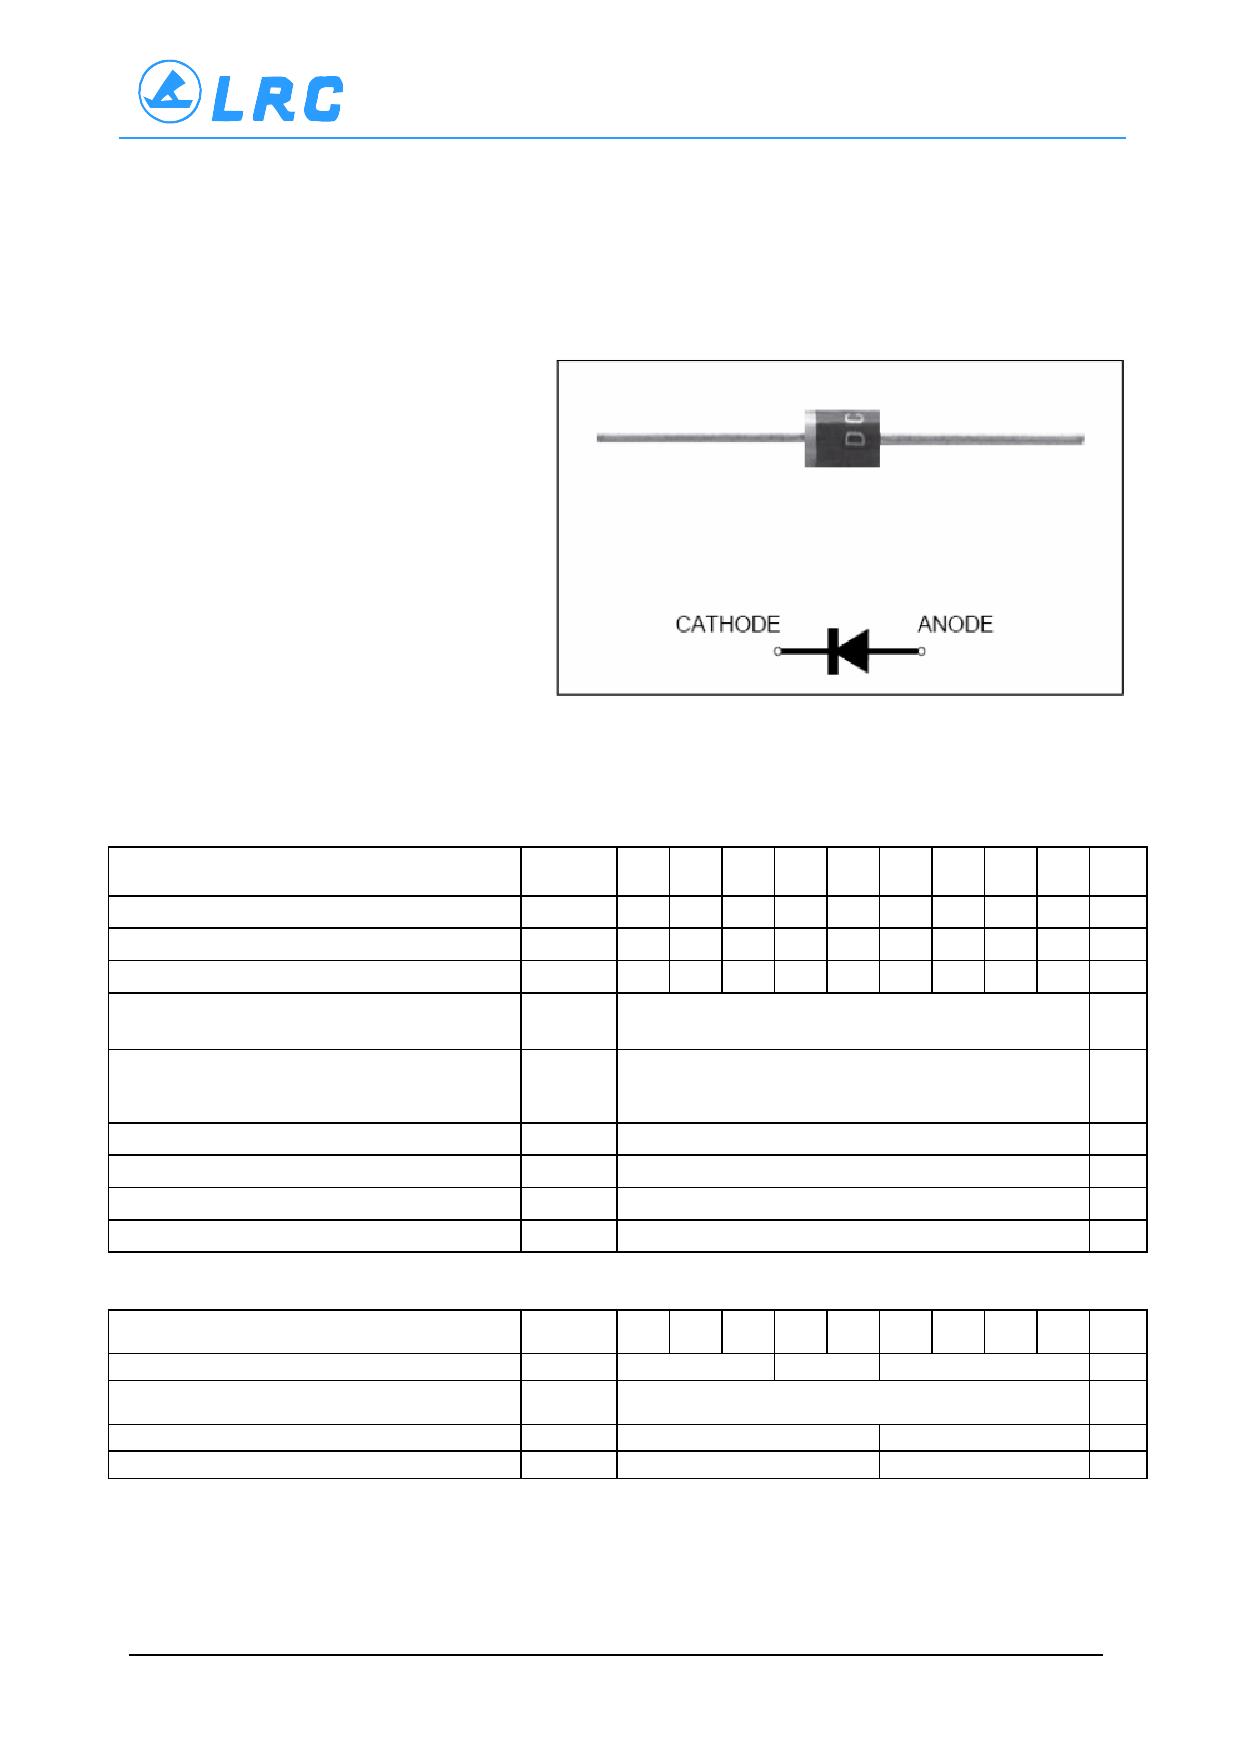 UF5404 datasheet